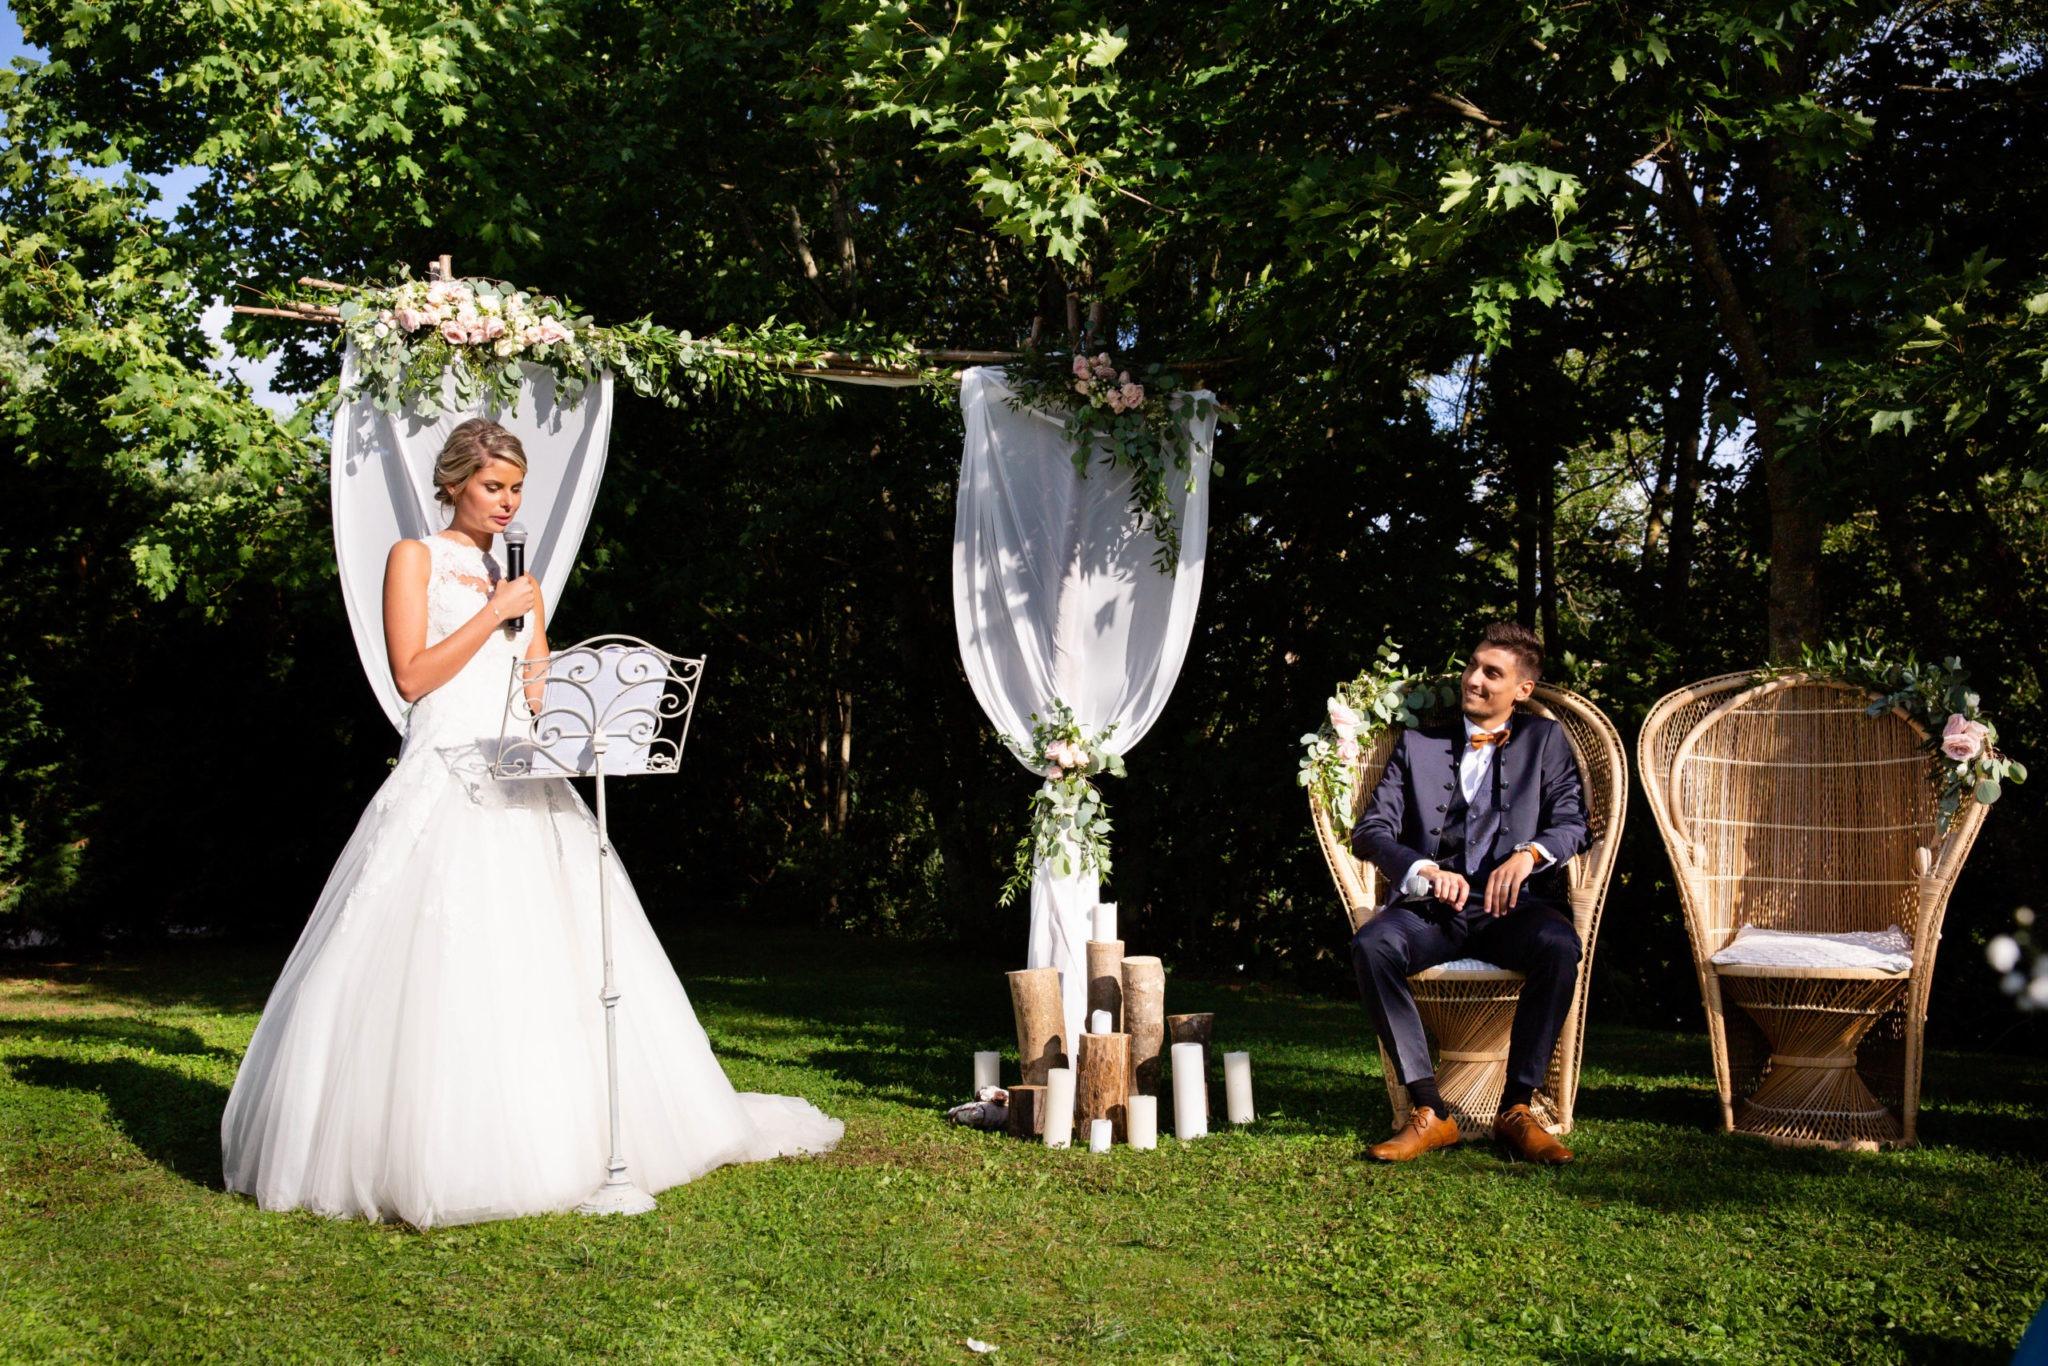 cérémonie laïque - organisation mariage - les moments m - wedding planner lyon